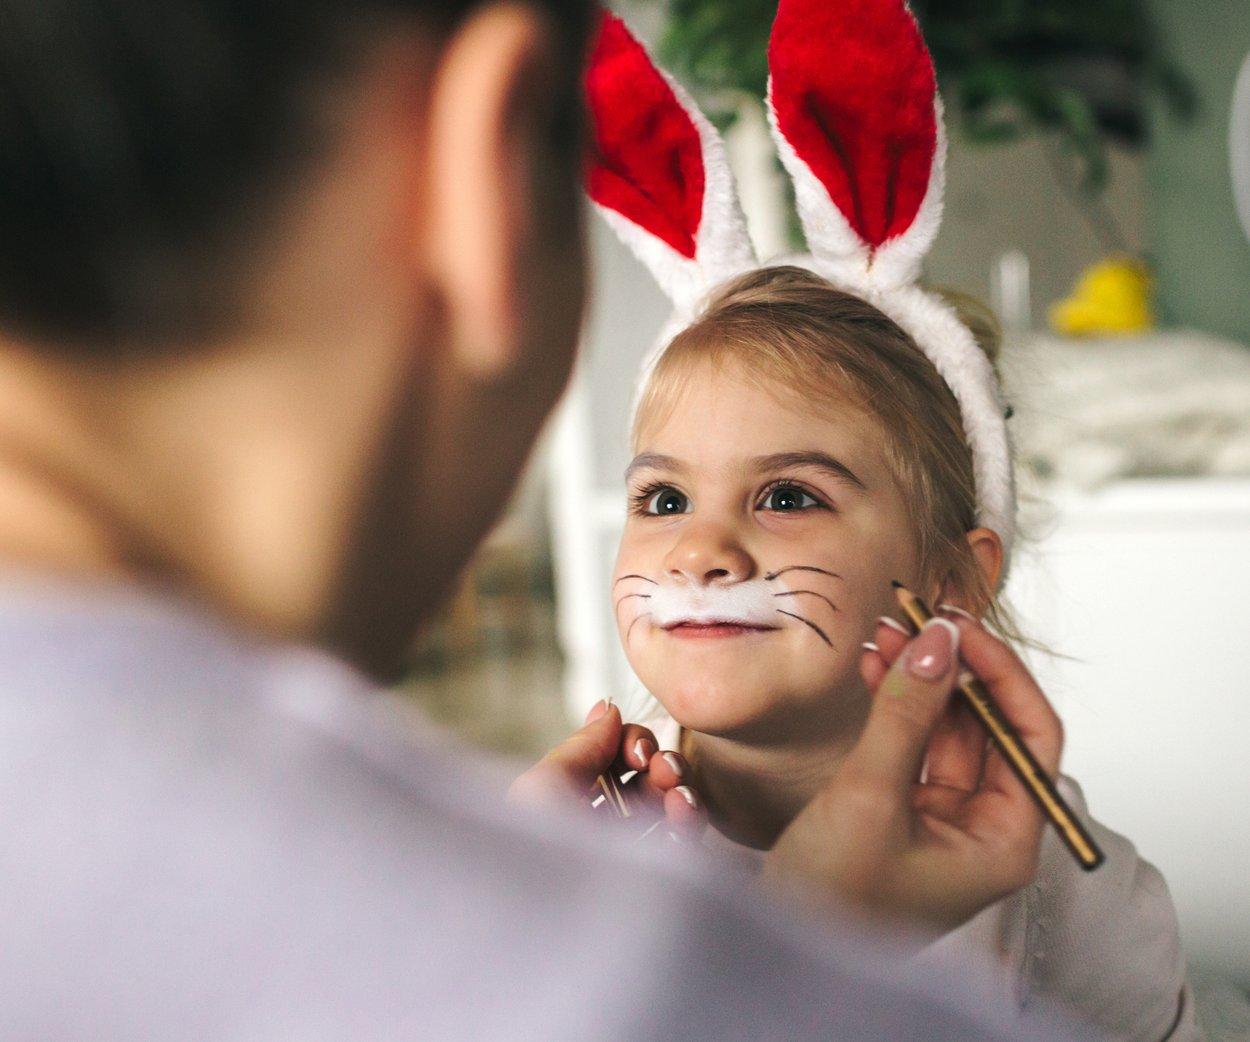 Kinderschminken Inspiration Step By Step Anleitungen Familie De